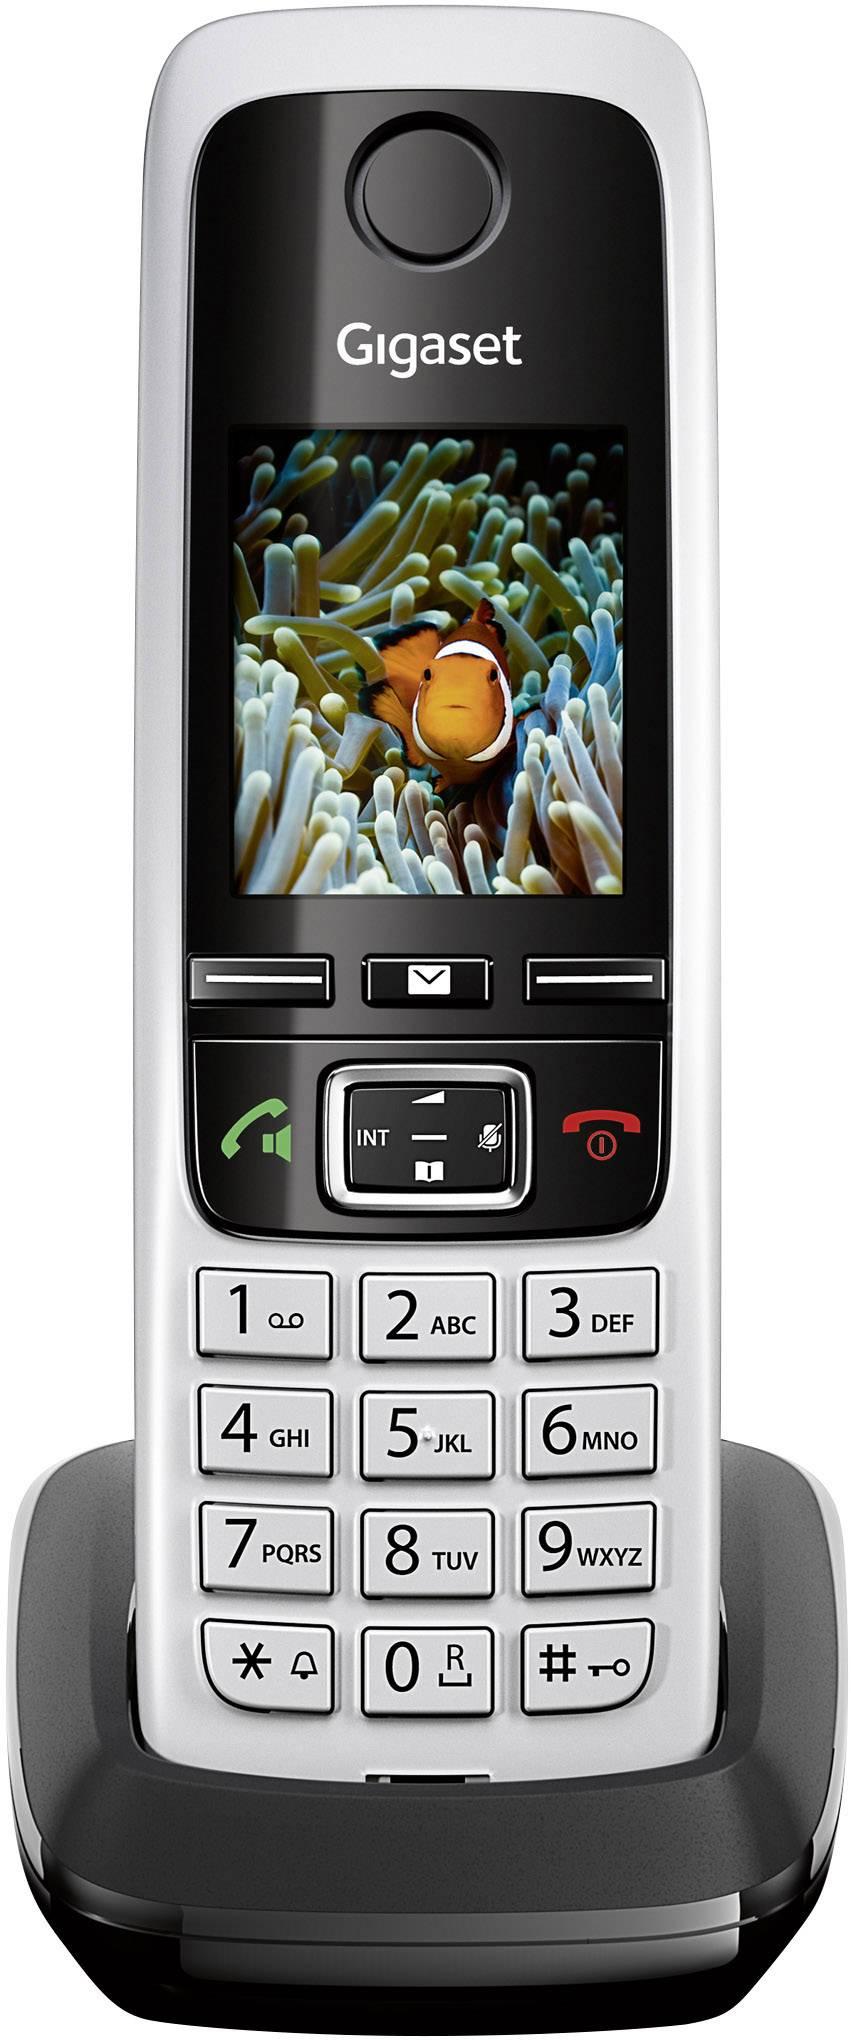 Bezdrôtový analógový telefón Gigaset C430HX, čierna/strieborná